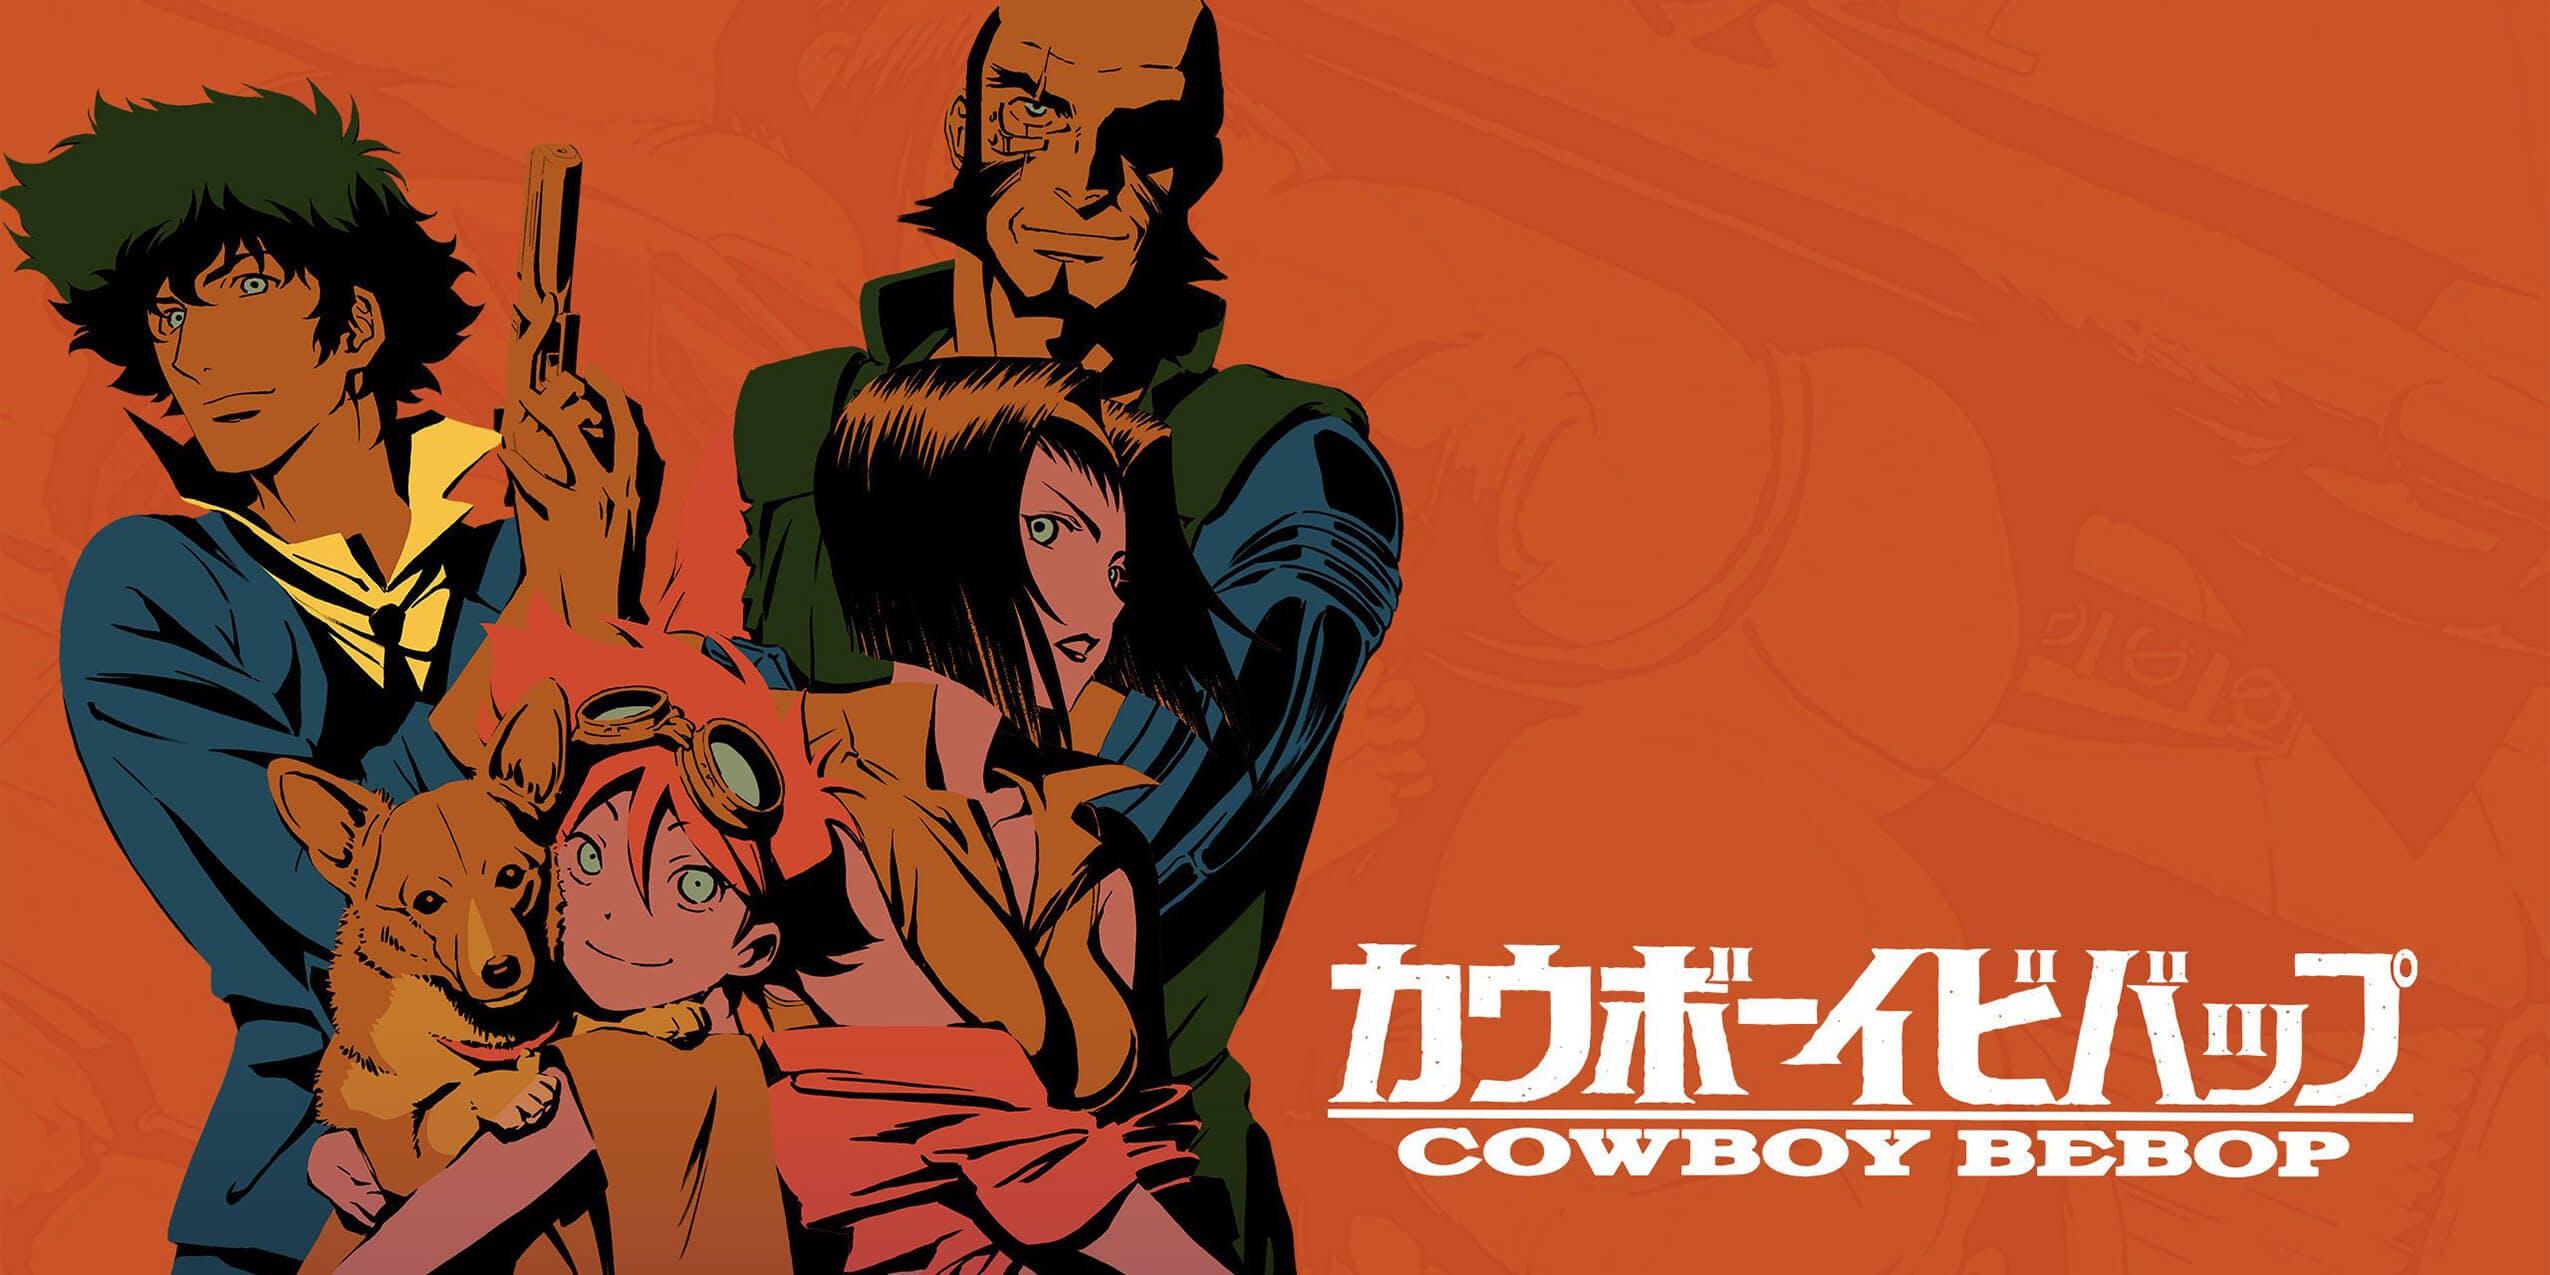 cowboy_bebop_hulu